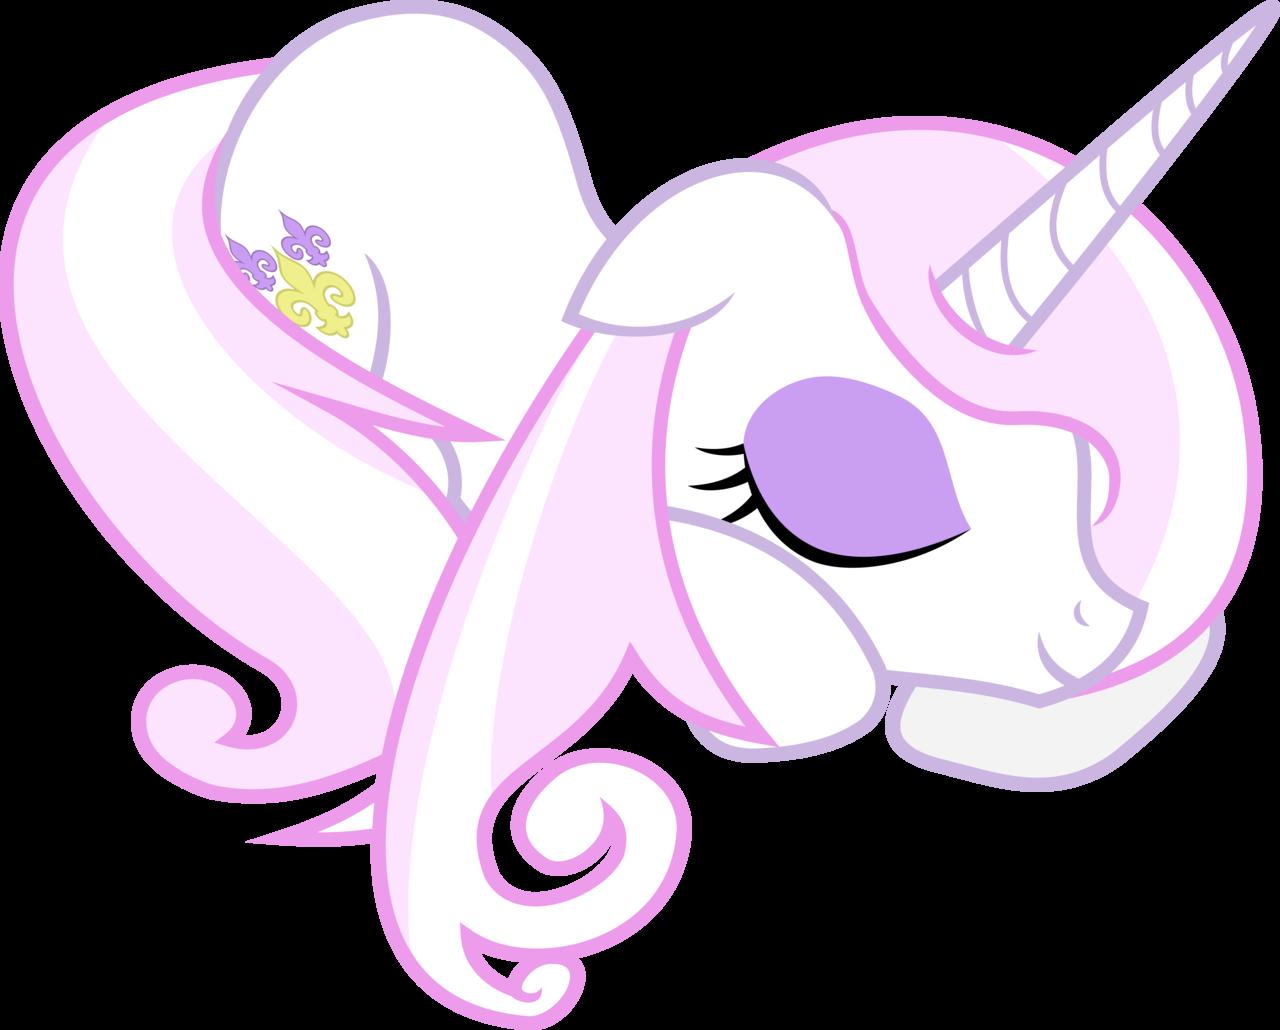 Sleeping Fleur De Lis | My Little Pony: Friendship is